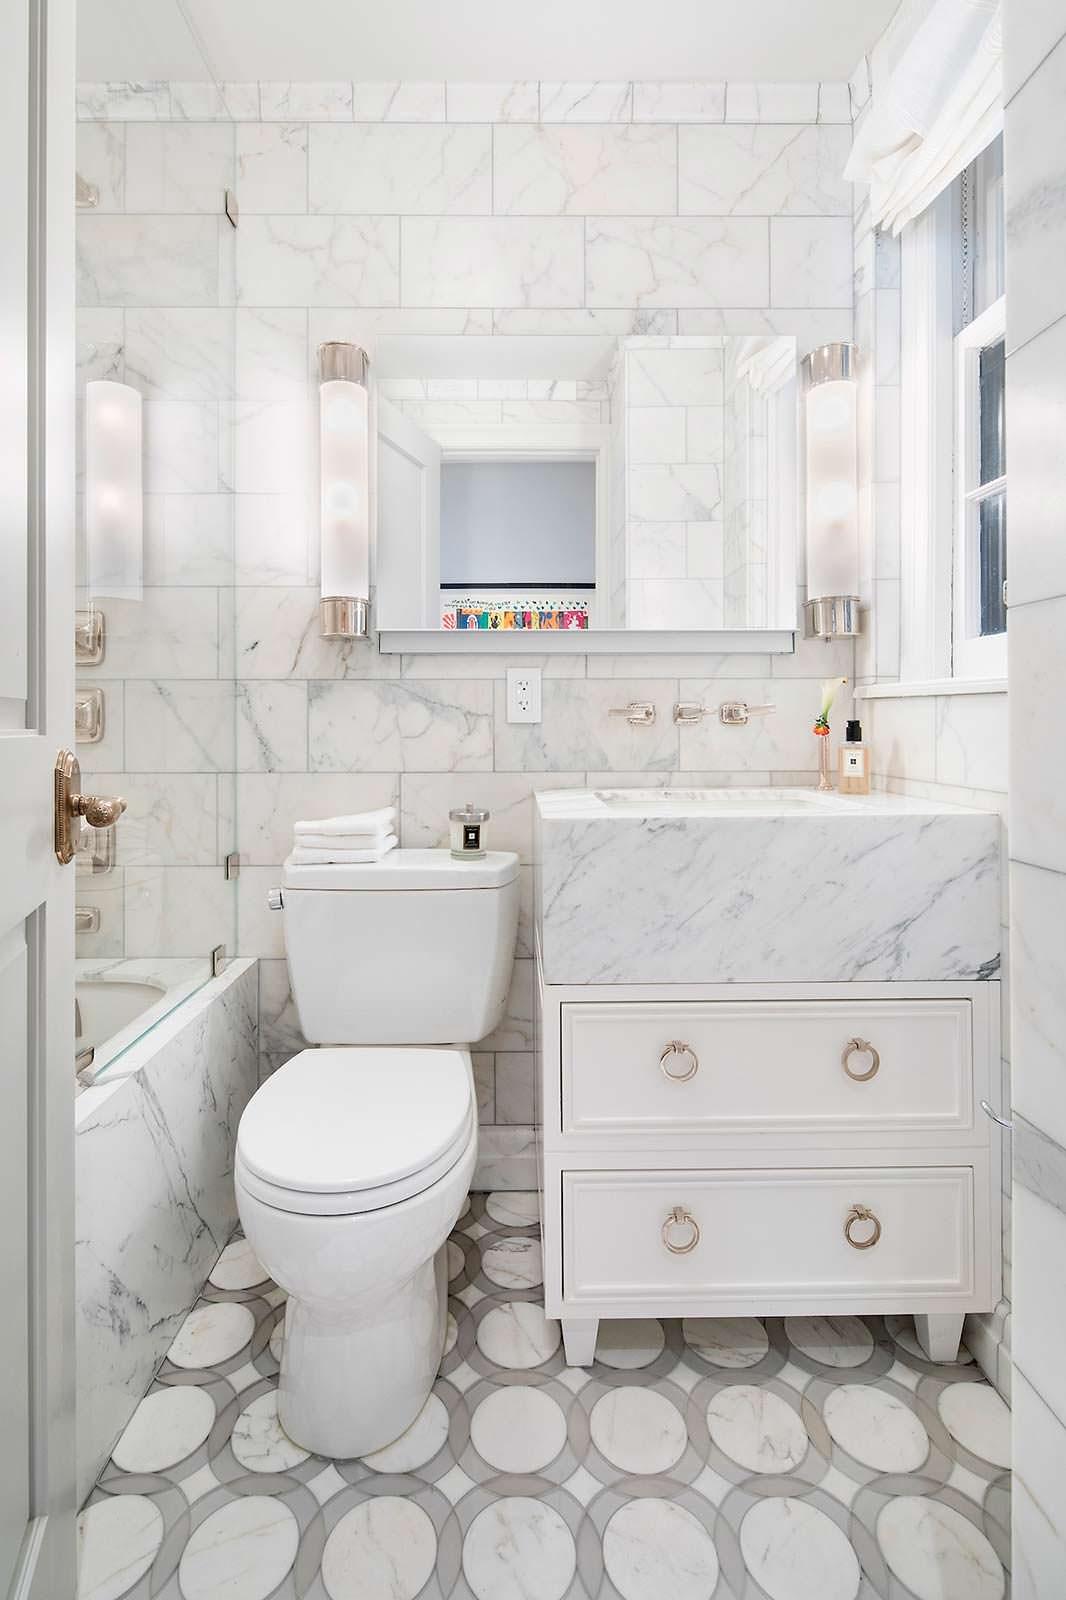 Ванная комната из мраморной плитки